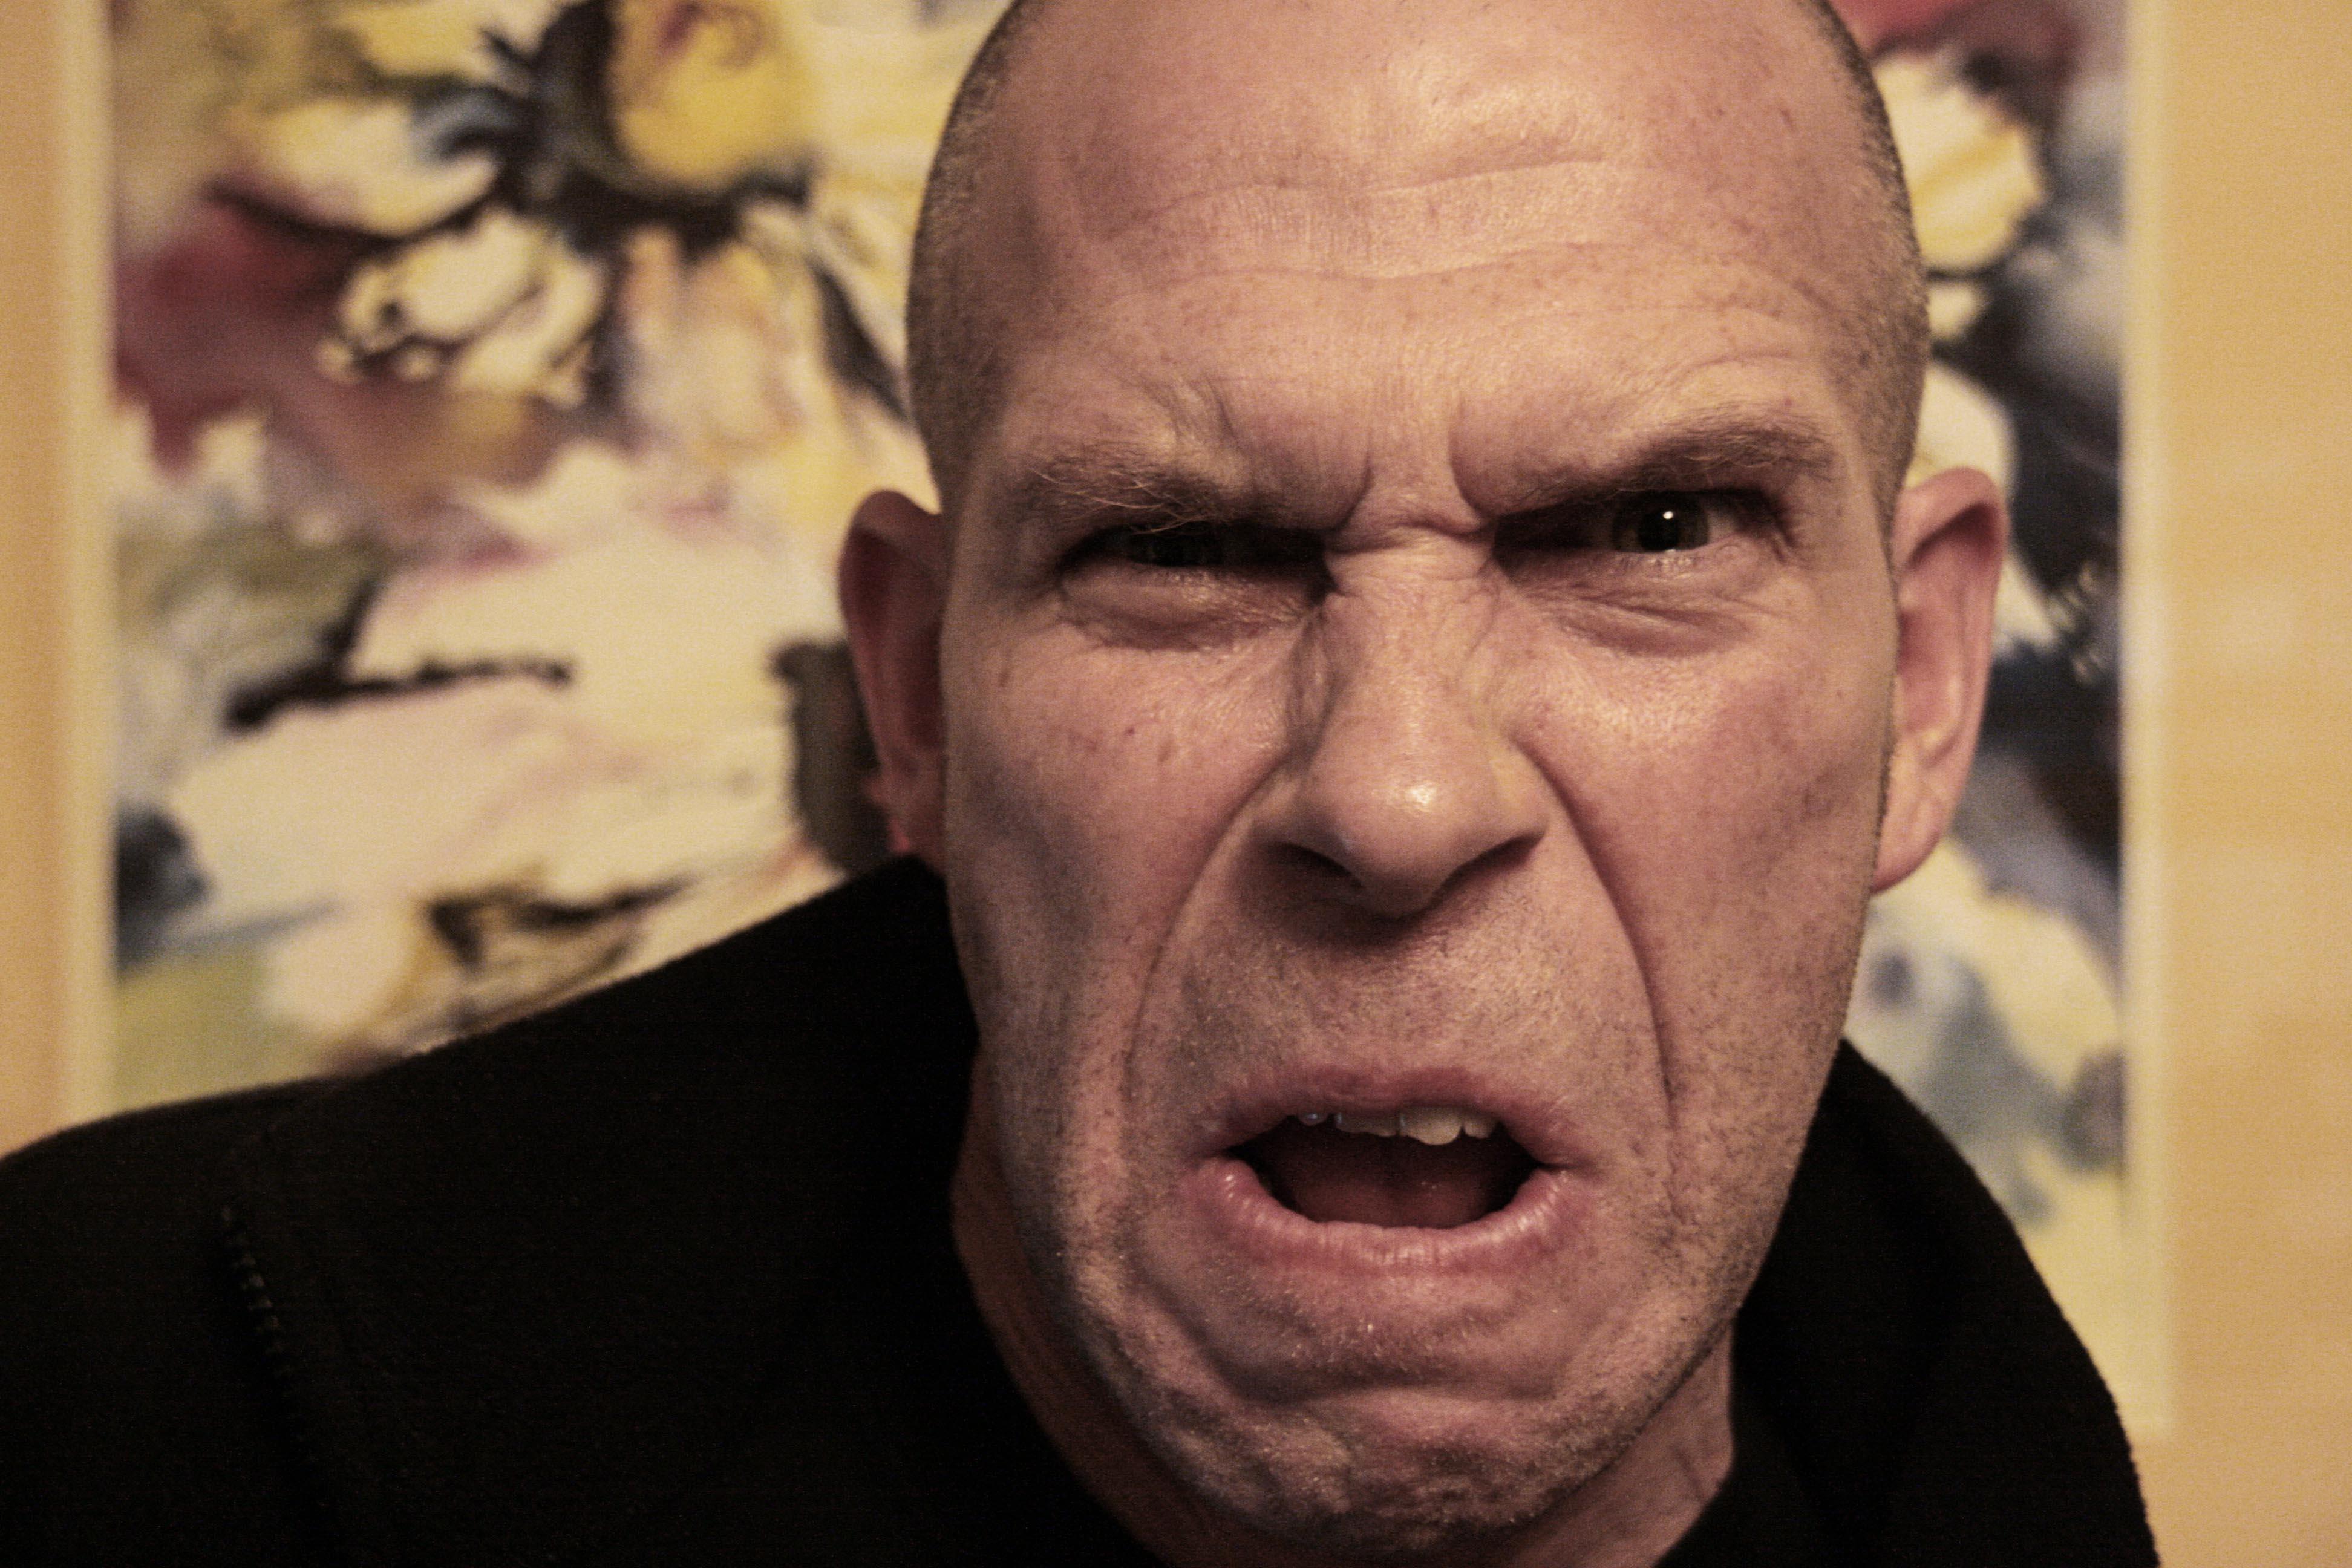 Afrontando la ira y el odio.